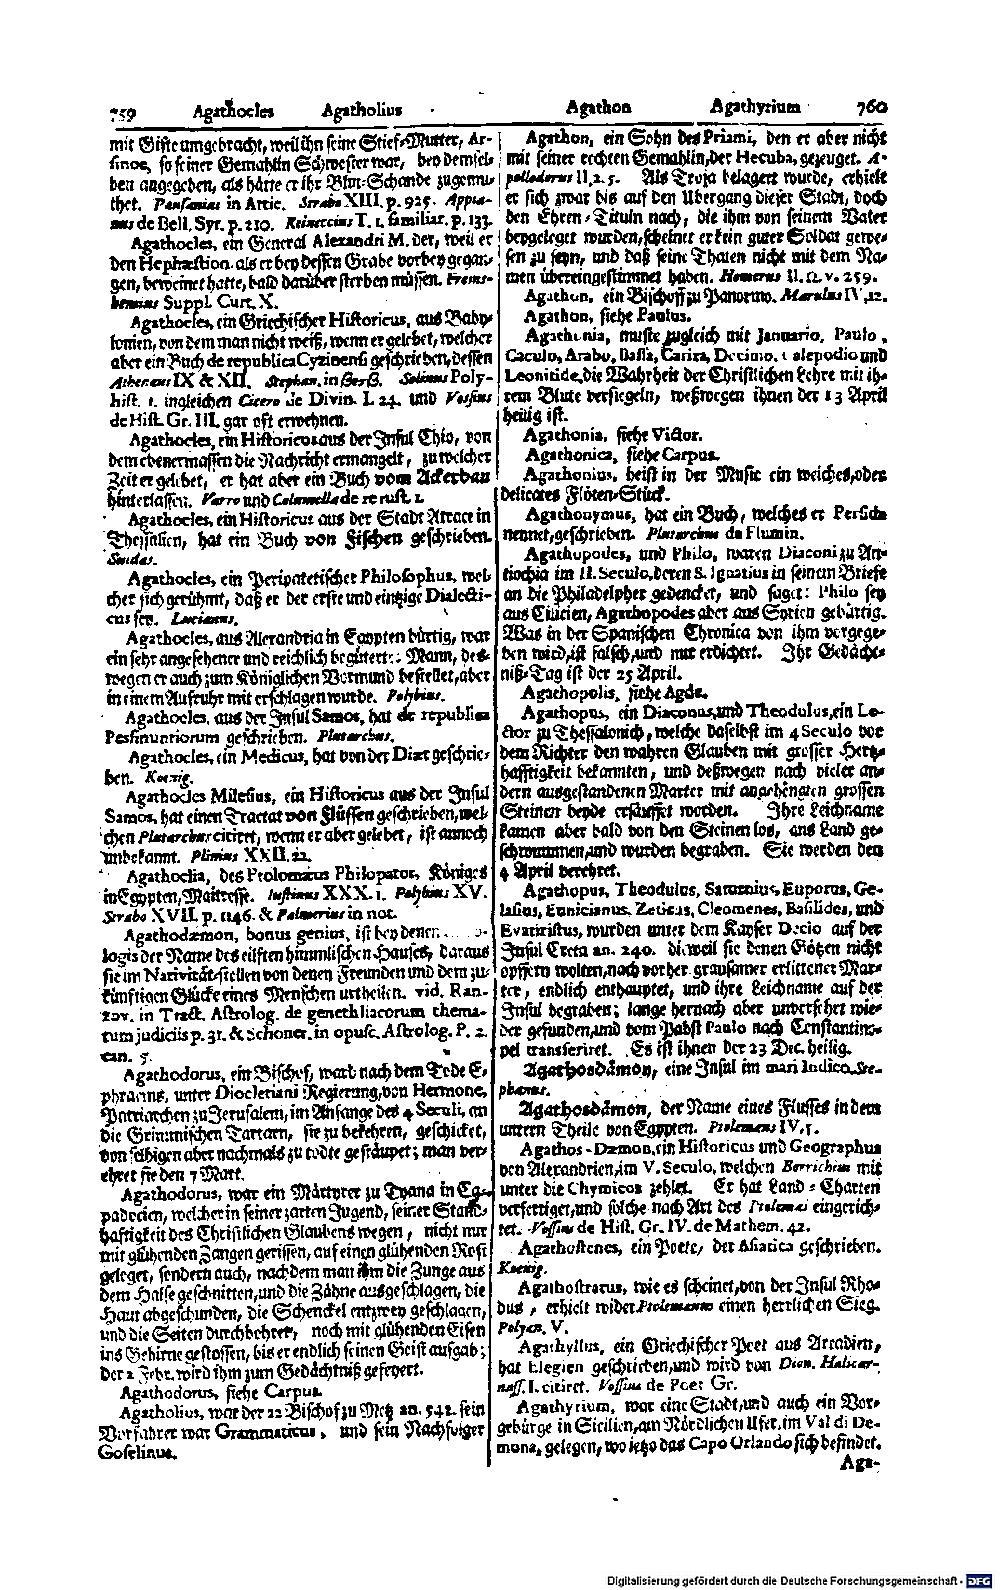 Bd. 01, Seite 0419.